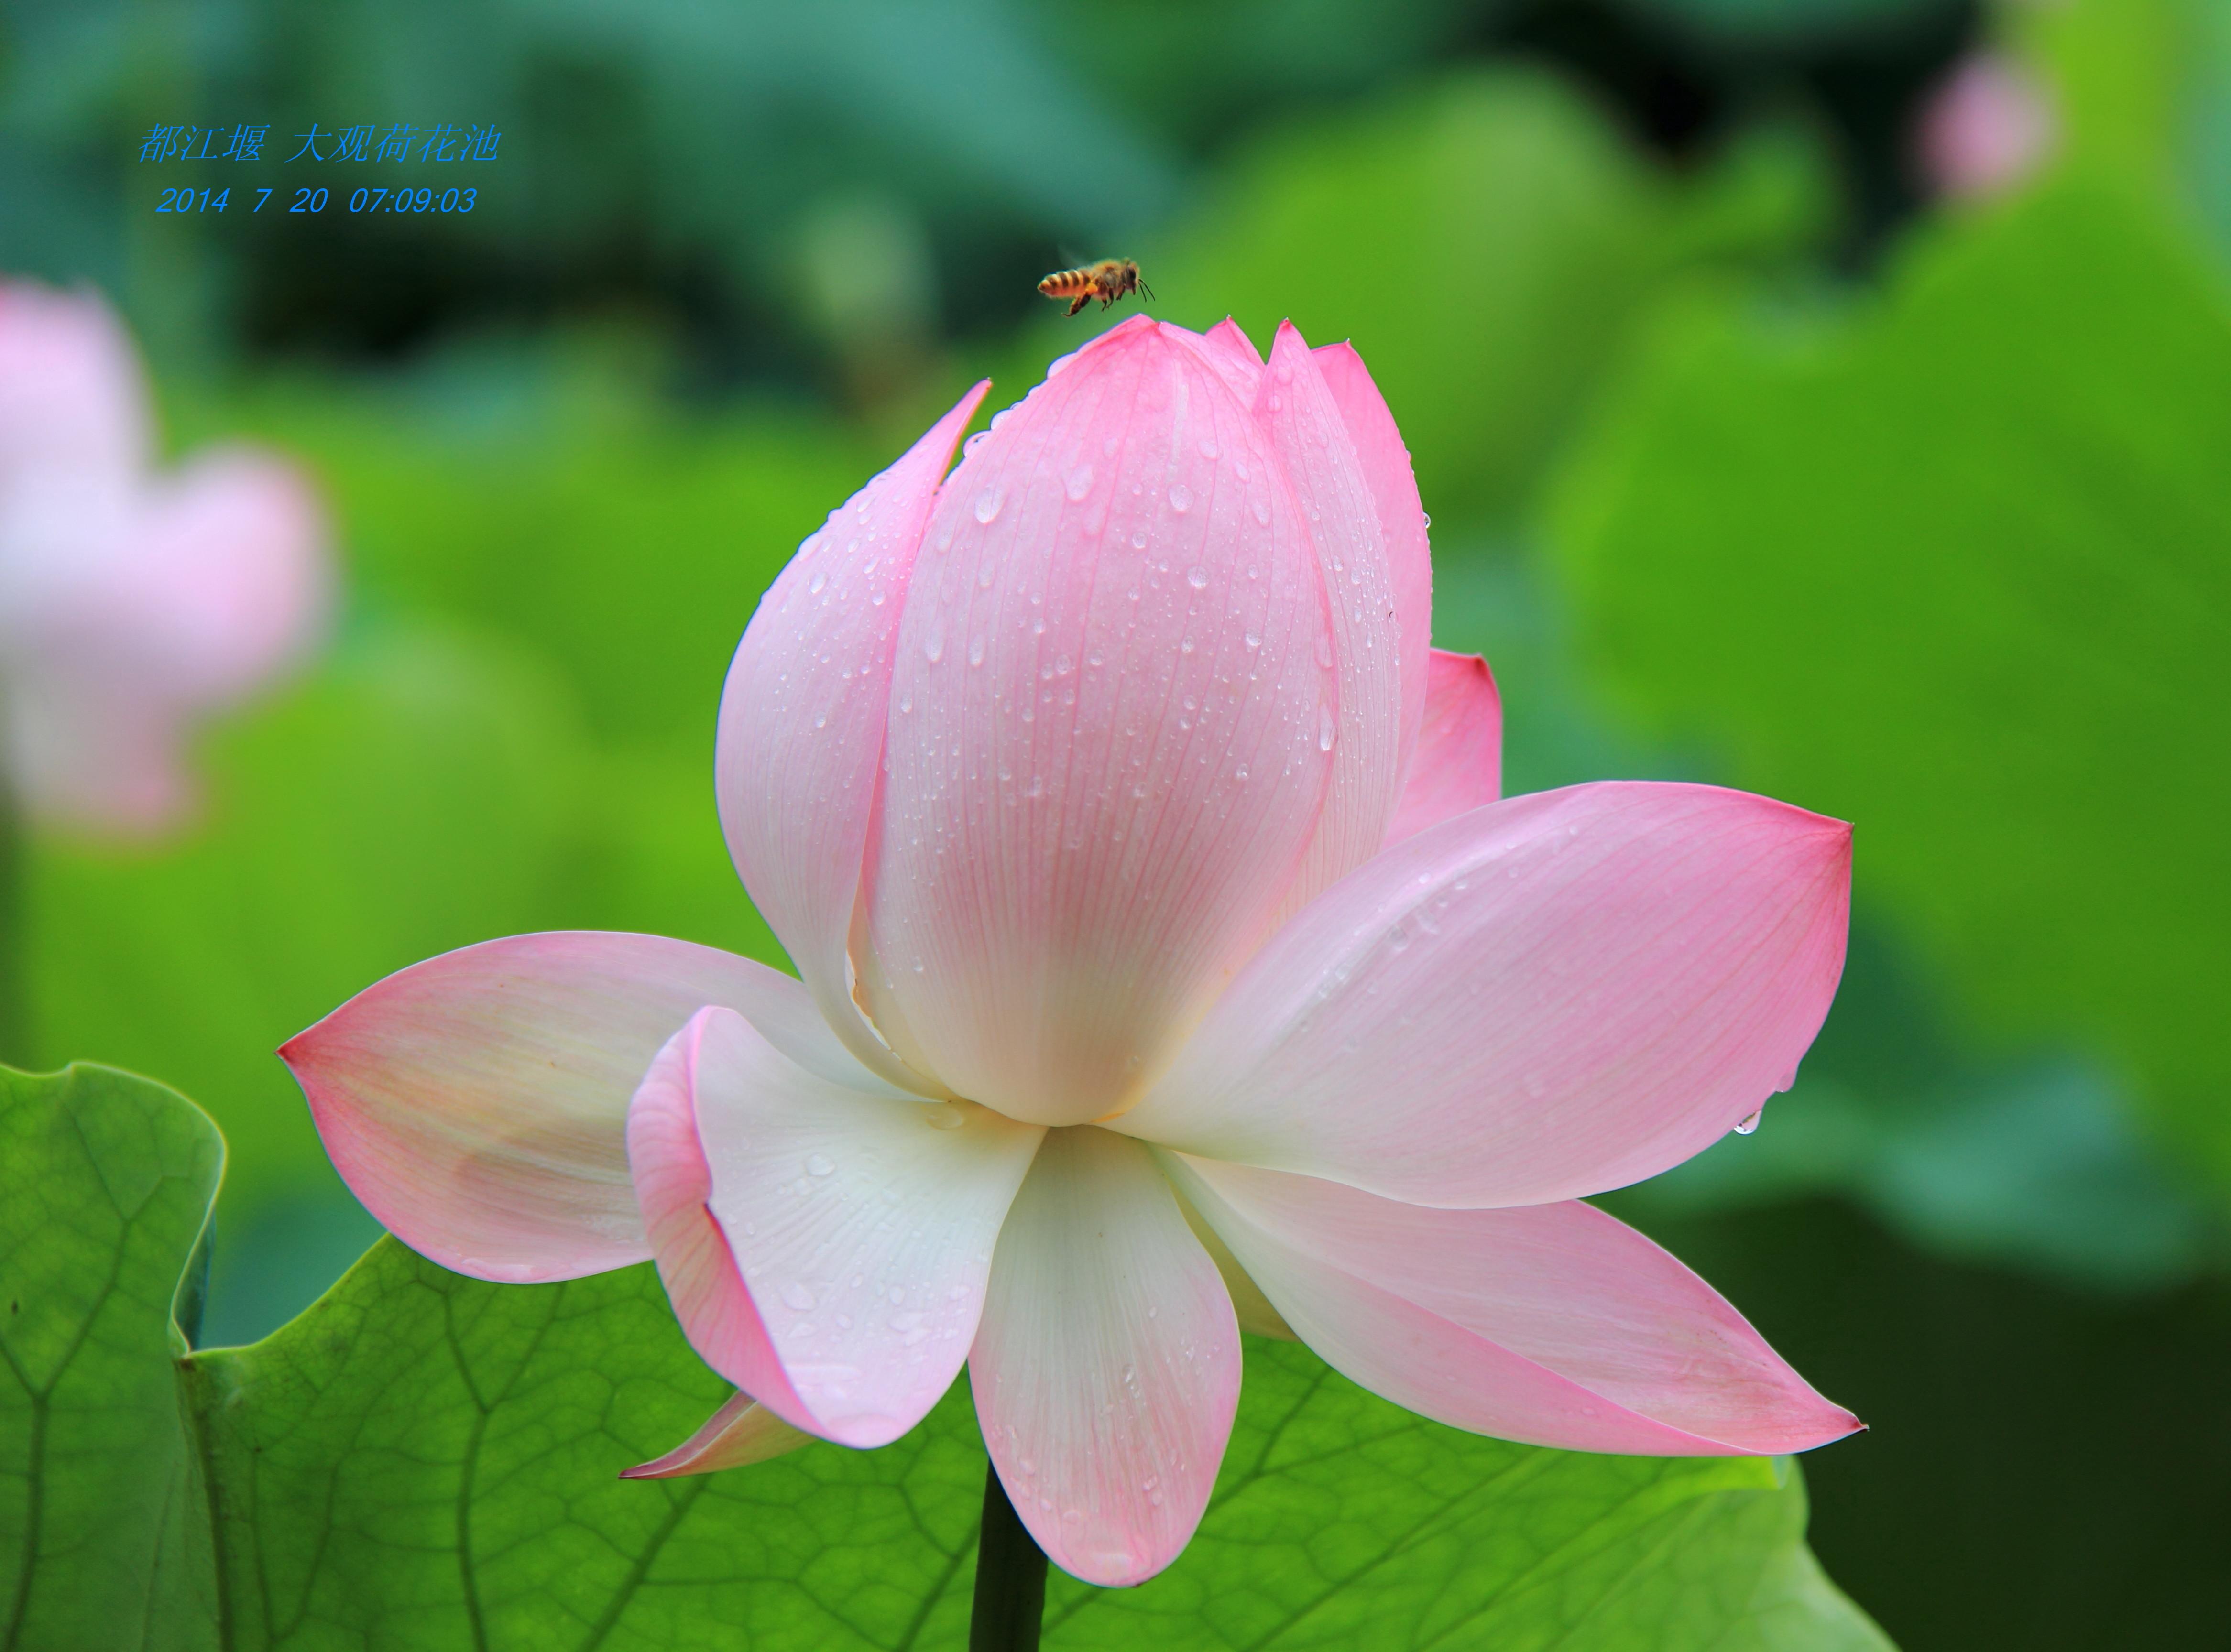 微信 头像 花朵 莲花